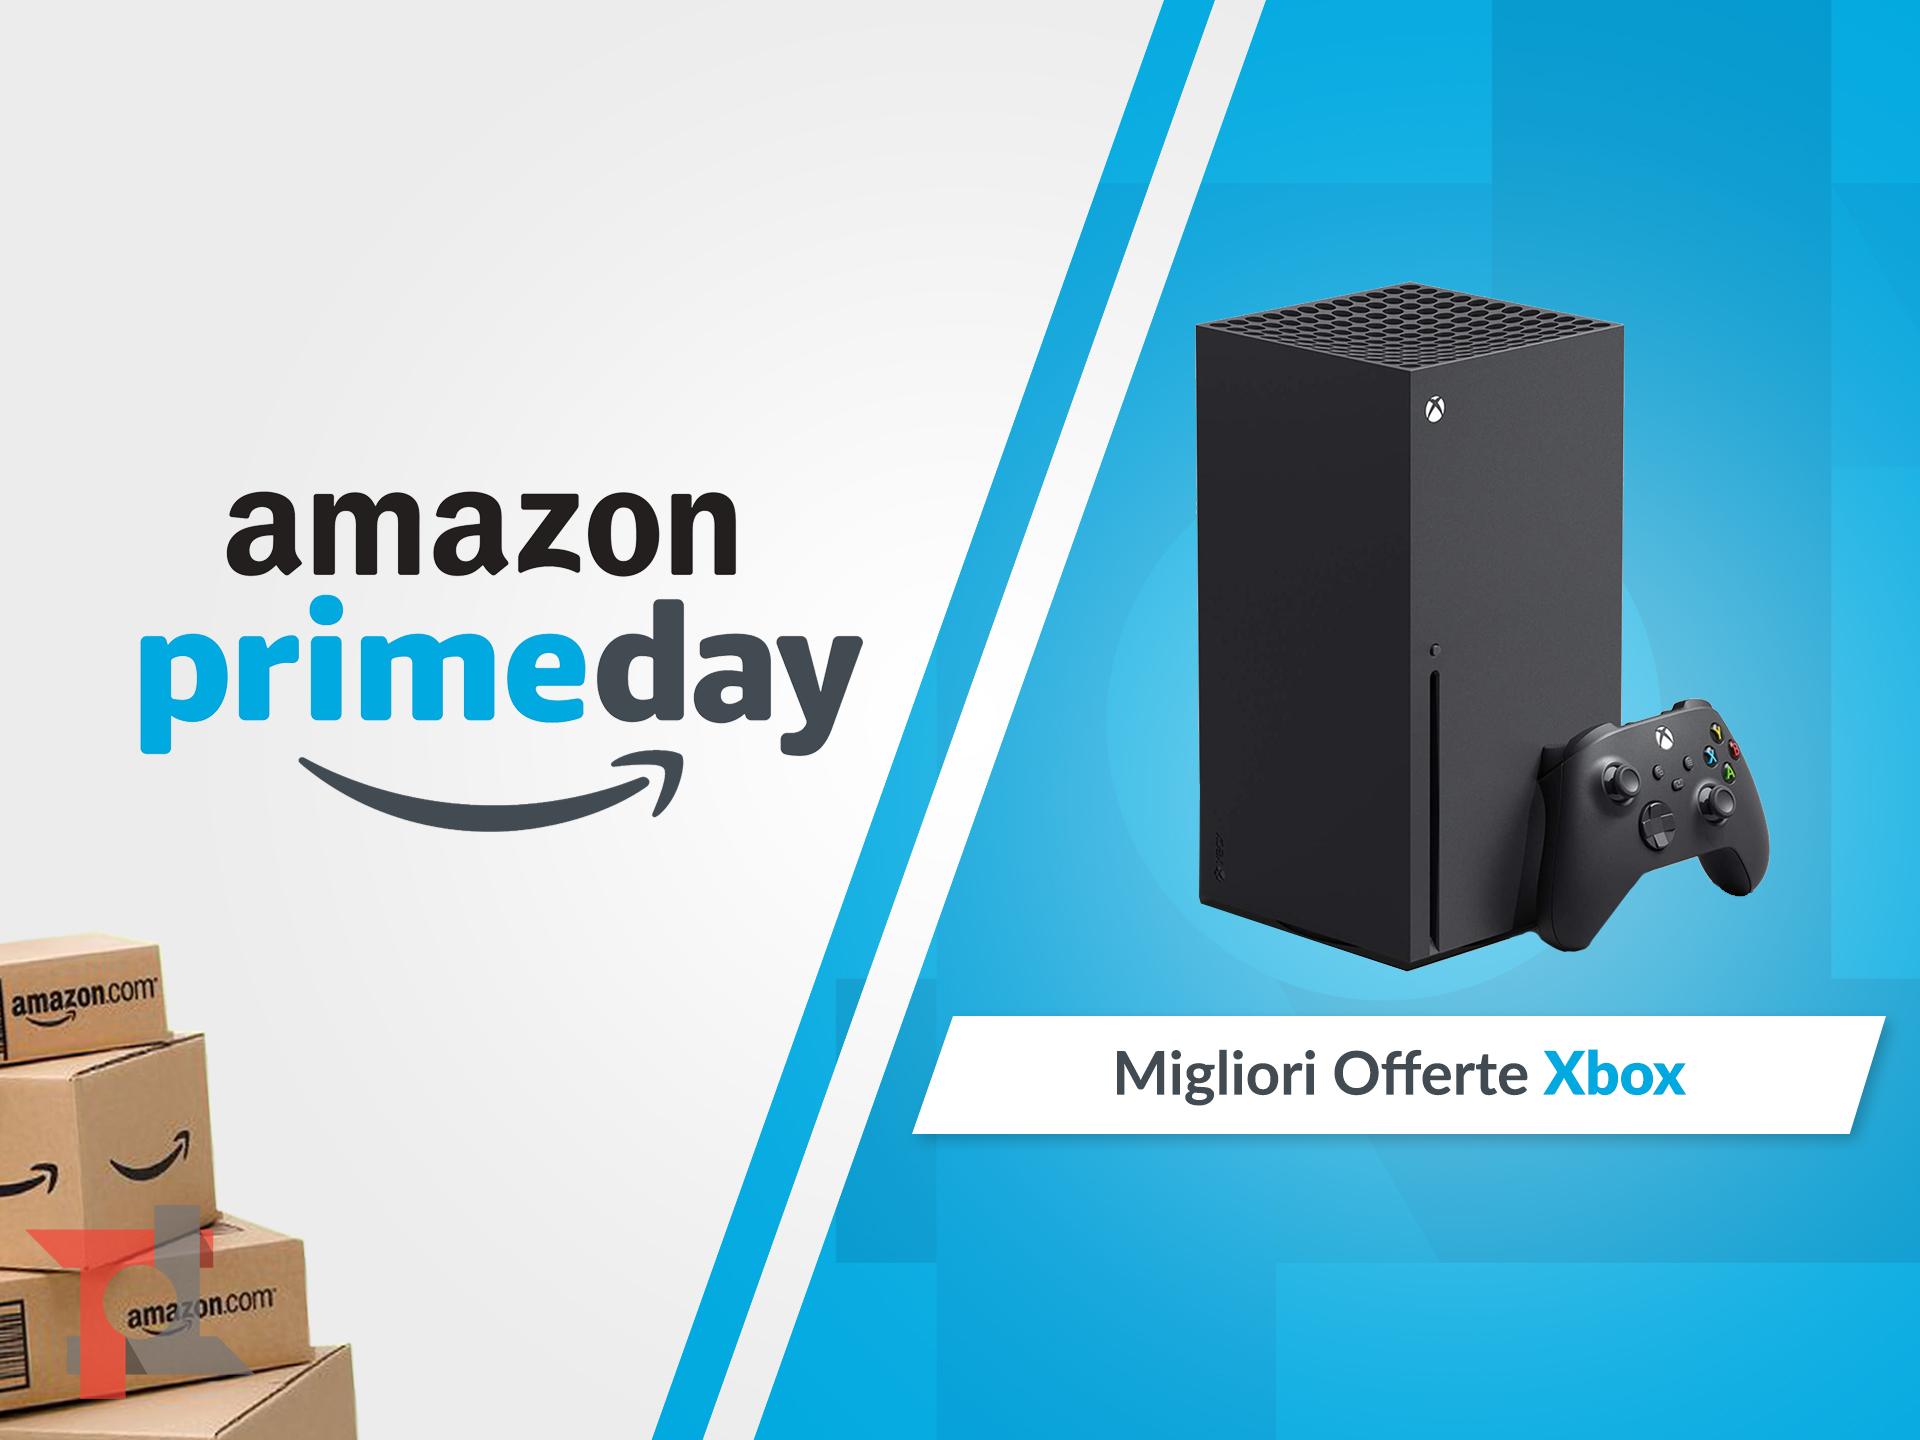 migliori offerte amazon prime day xbox